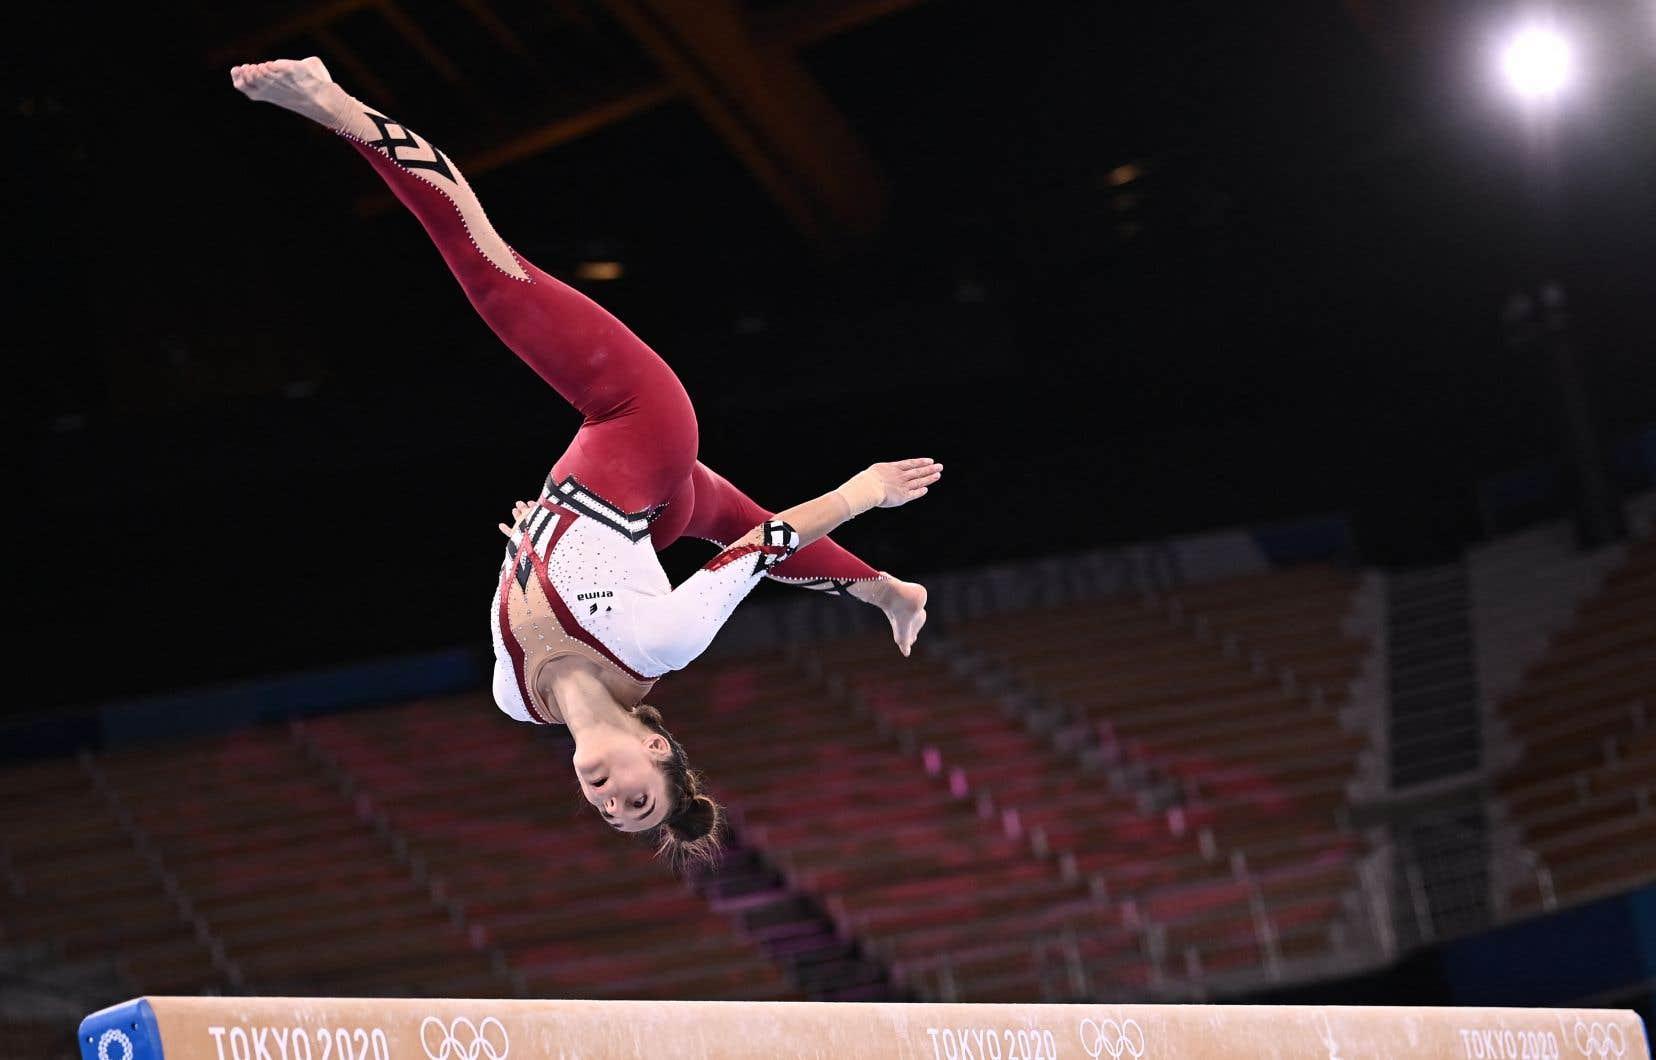 Des gymnastes allemandes, dont fait partie Pauline Schäfer-Betz ici en photo, ont envoyé un message contre les uniformes qui, selon elles, exploitent leur sexualité en concourant à Tokyo en portant des vêtements qui leur couvraient les jambes jusqu'à la cheville.